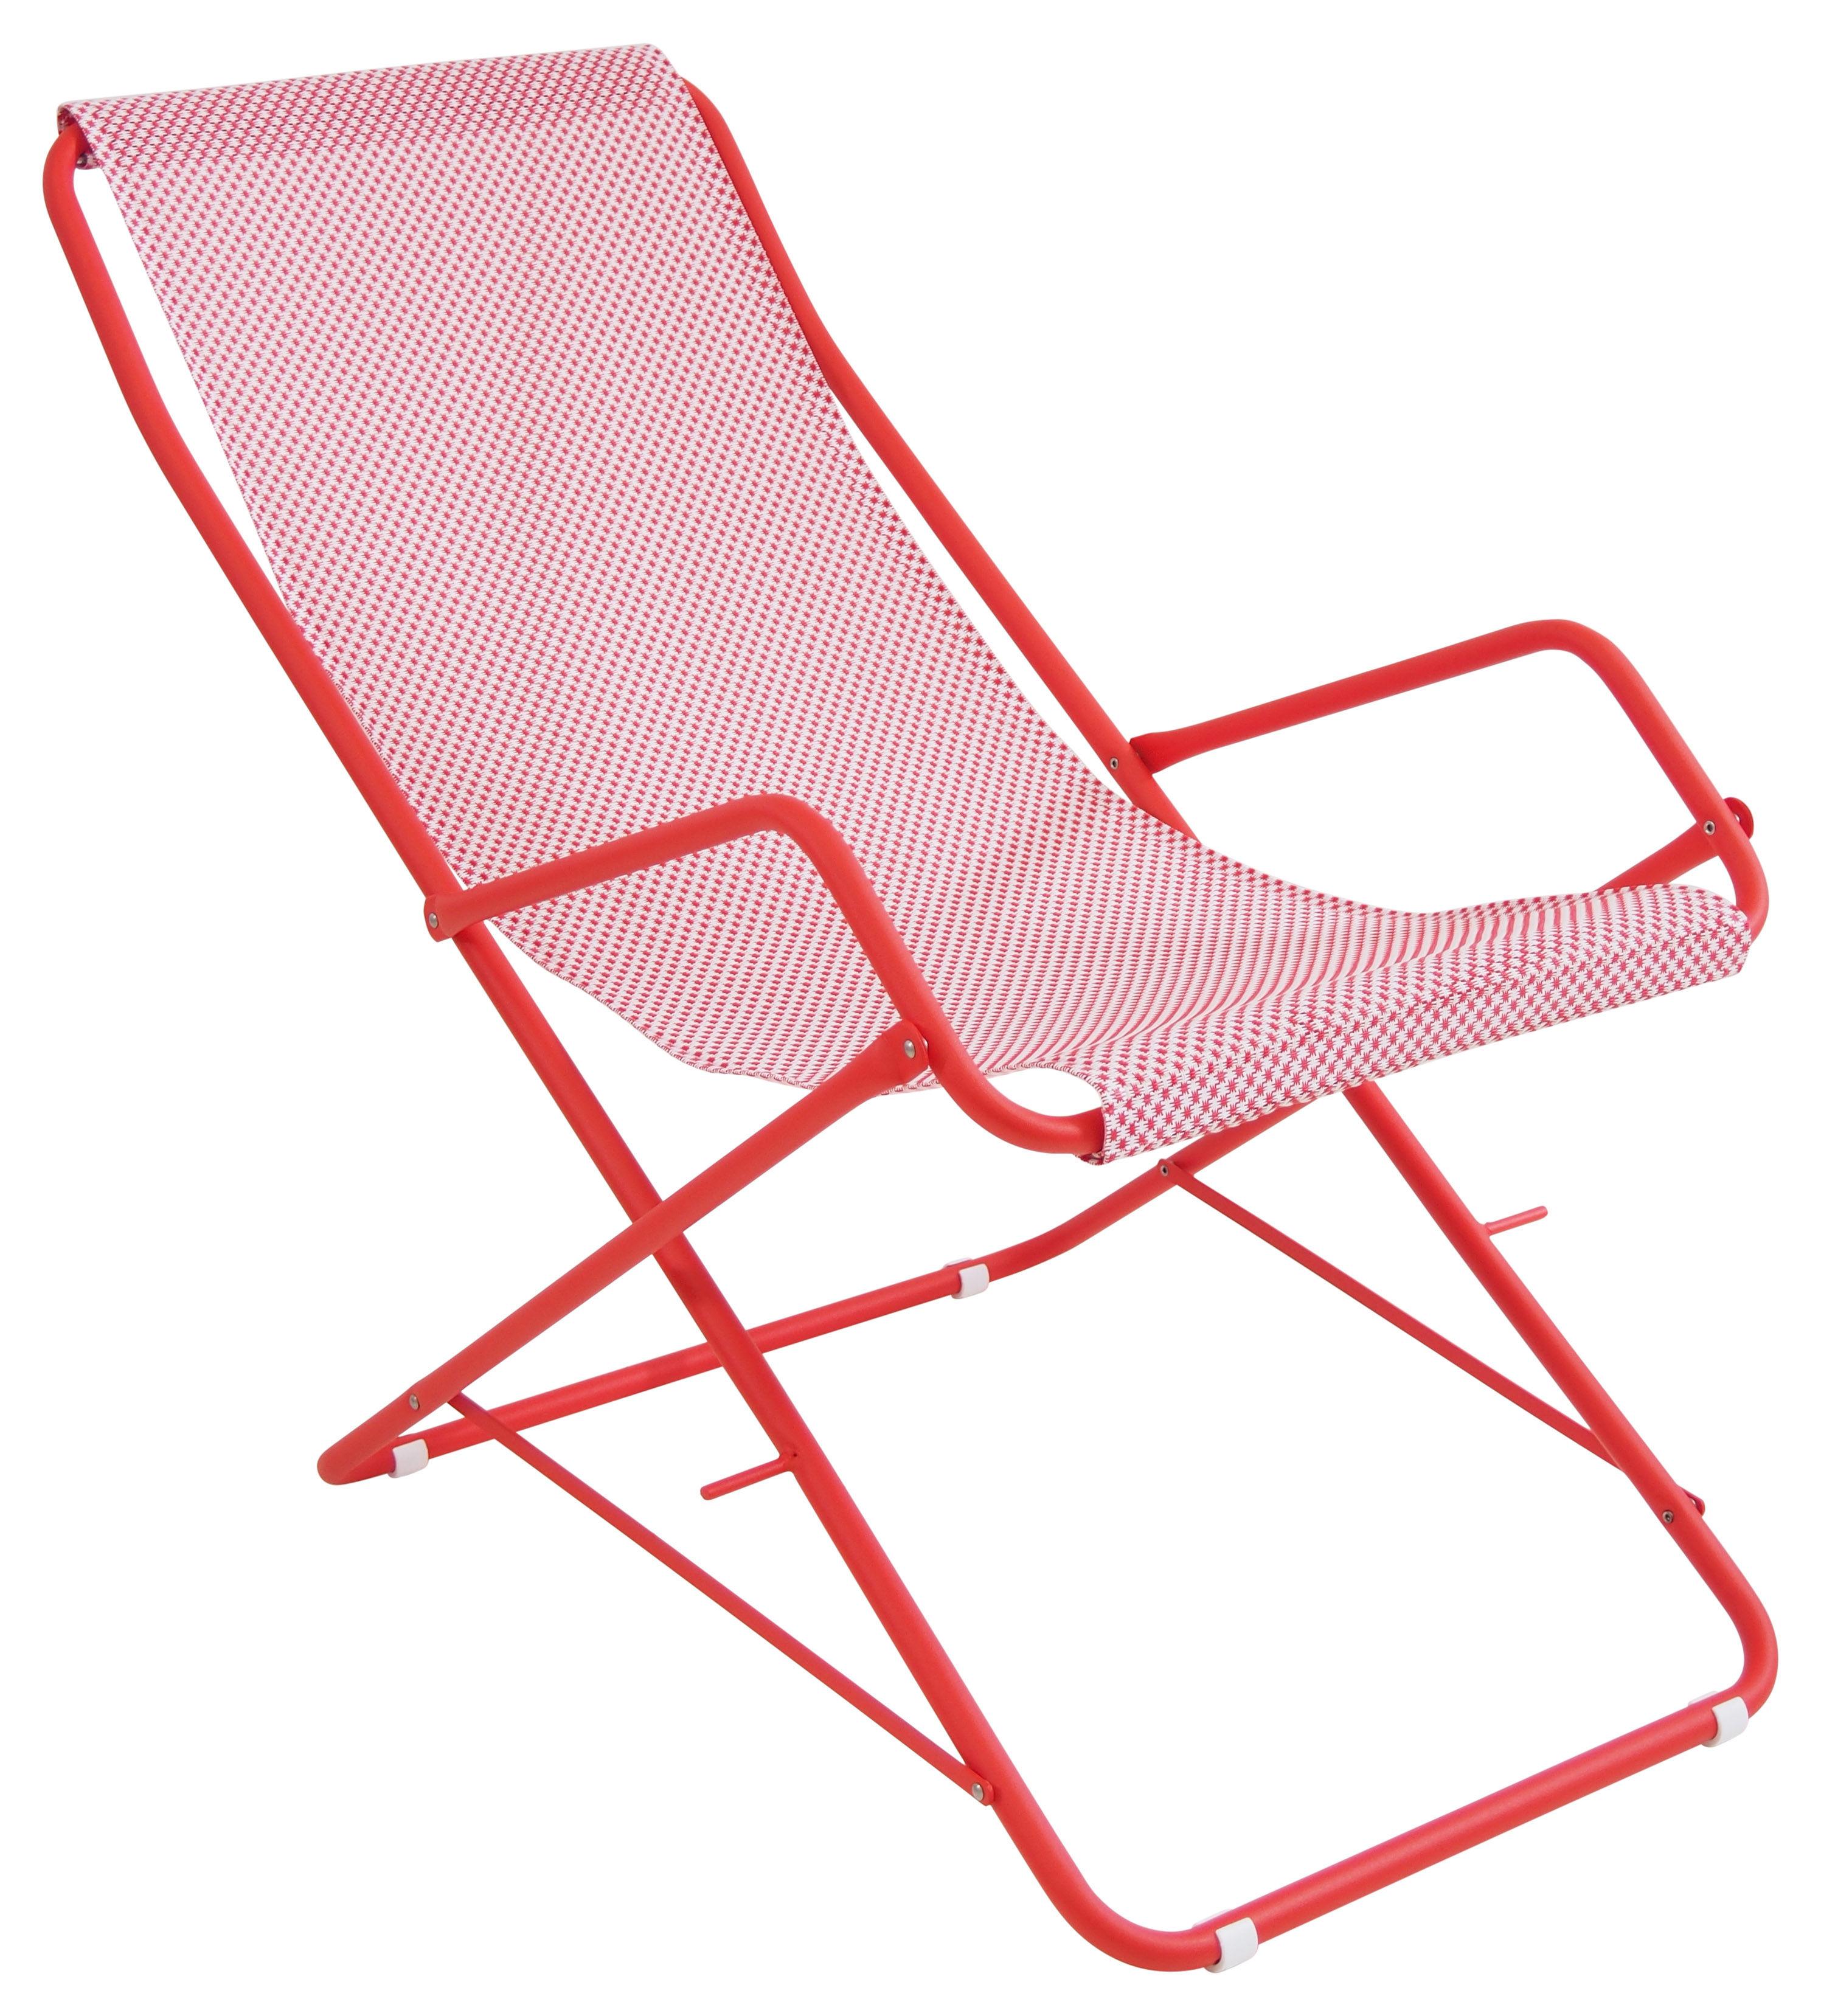 Outdoor - Chaises longues et hamacs - Chaise longue Bahama / Pliable - Emu - Rouge / Structure rouge - Acier verni, Toile